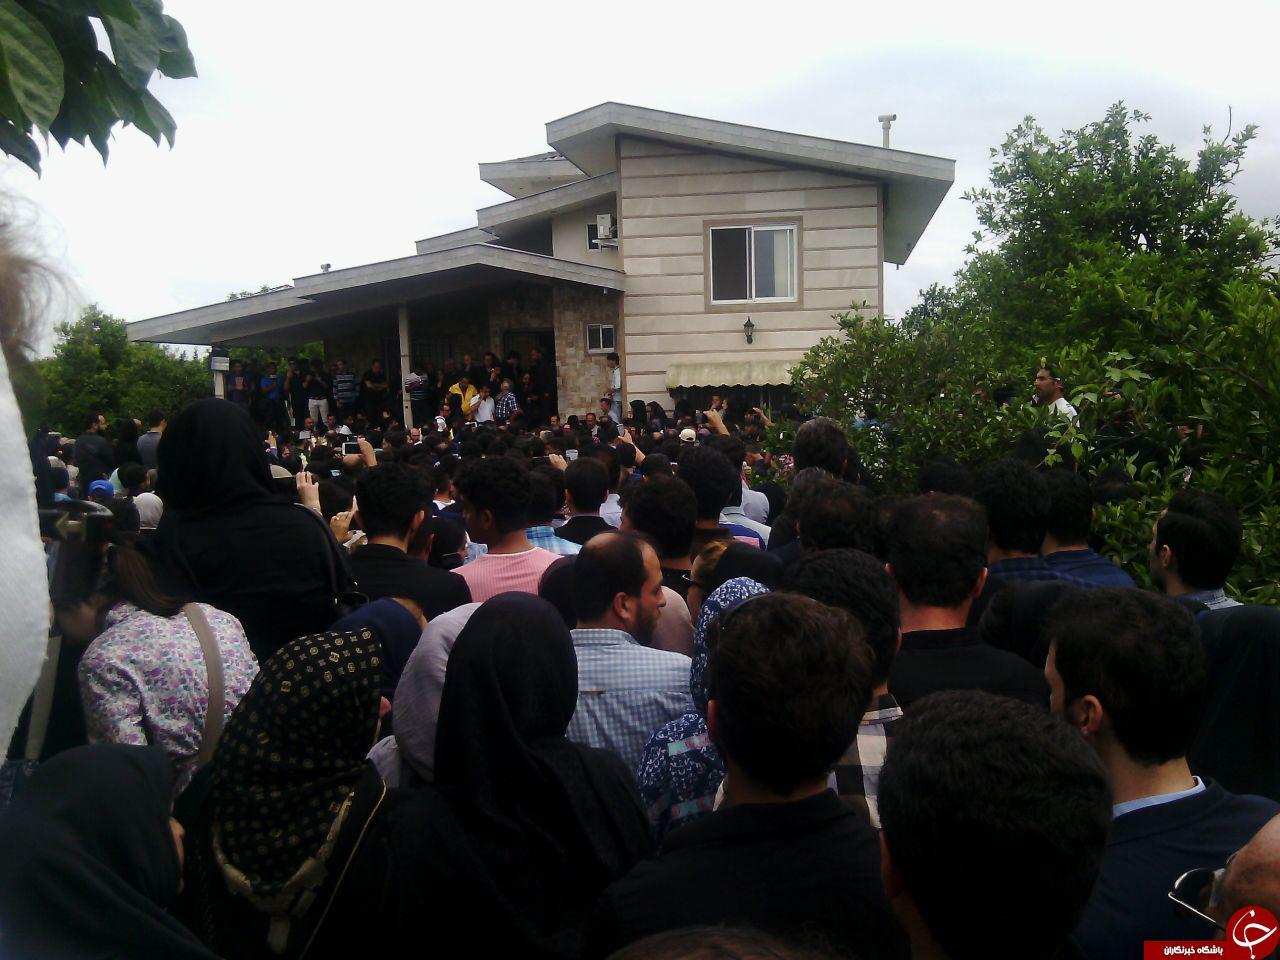 عکس های مراسم خاکسپاری حبیب خواننده